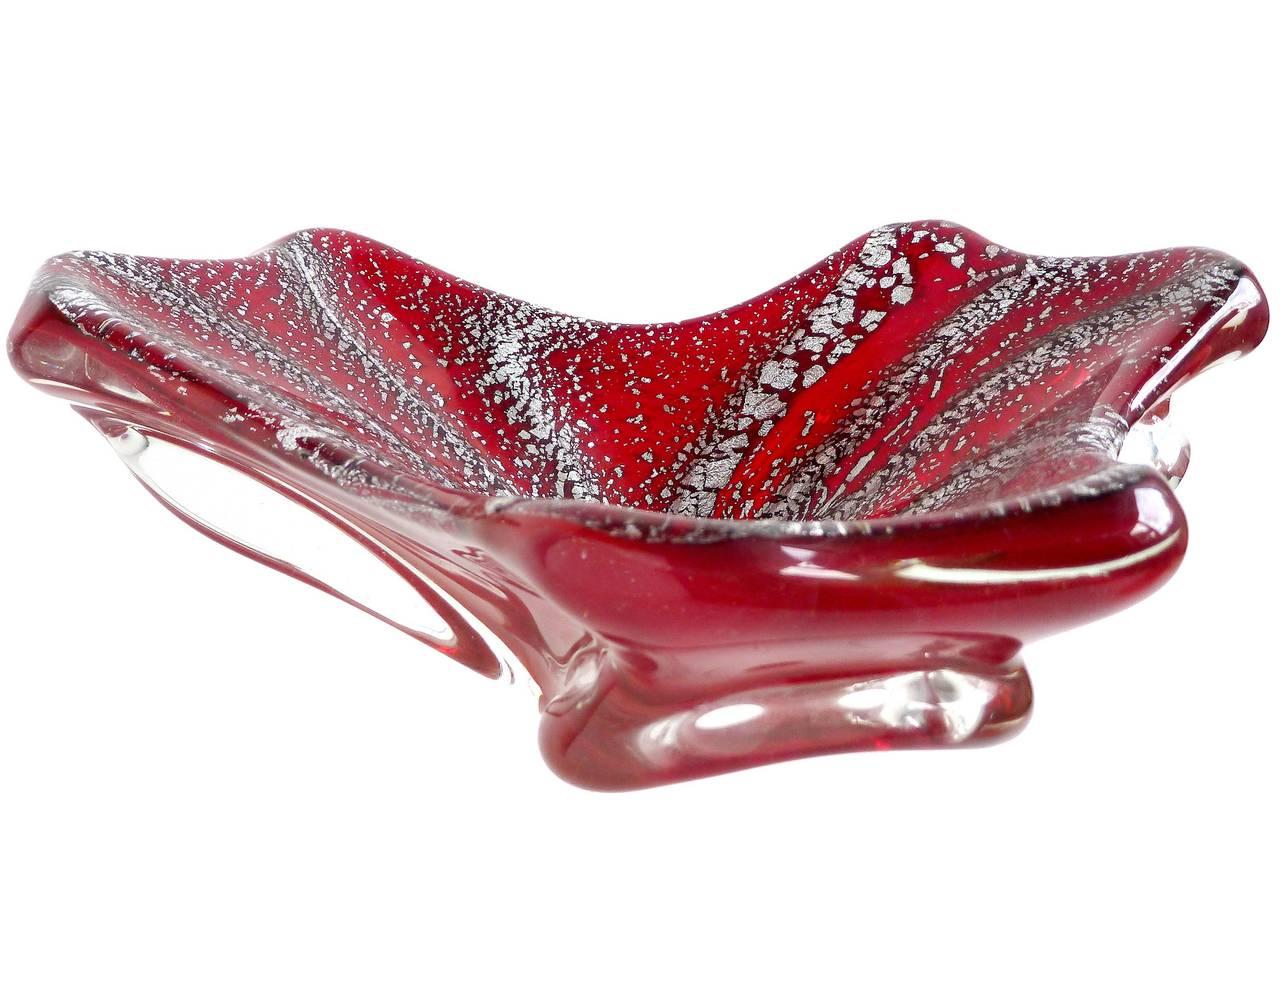 Murano Deep Red Silver Flecks Vintage Italian Art Glass  : 4424REDSilverBowl2l from www.1stdibs.com size 1280 x 982 jpeg 131kB